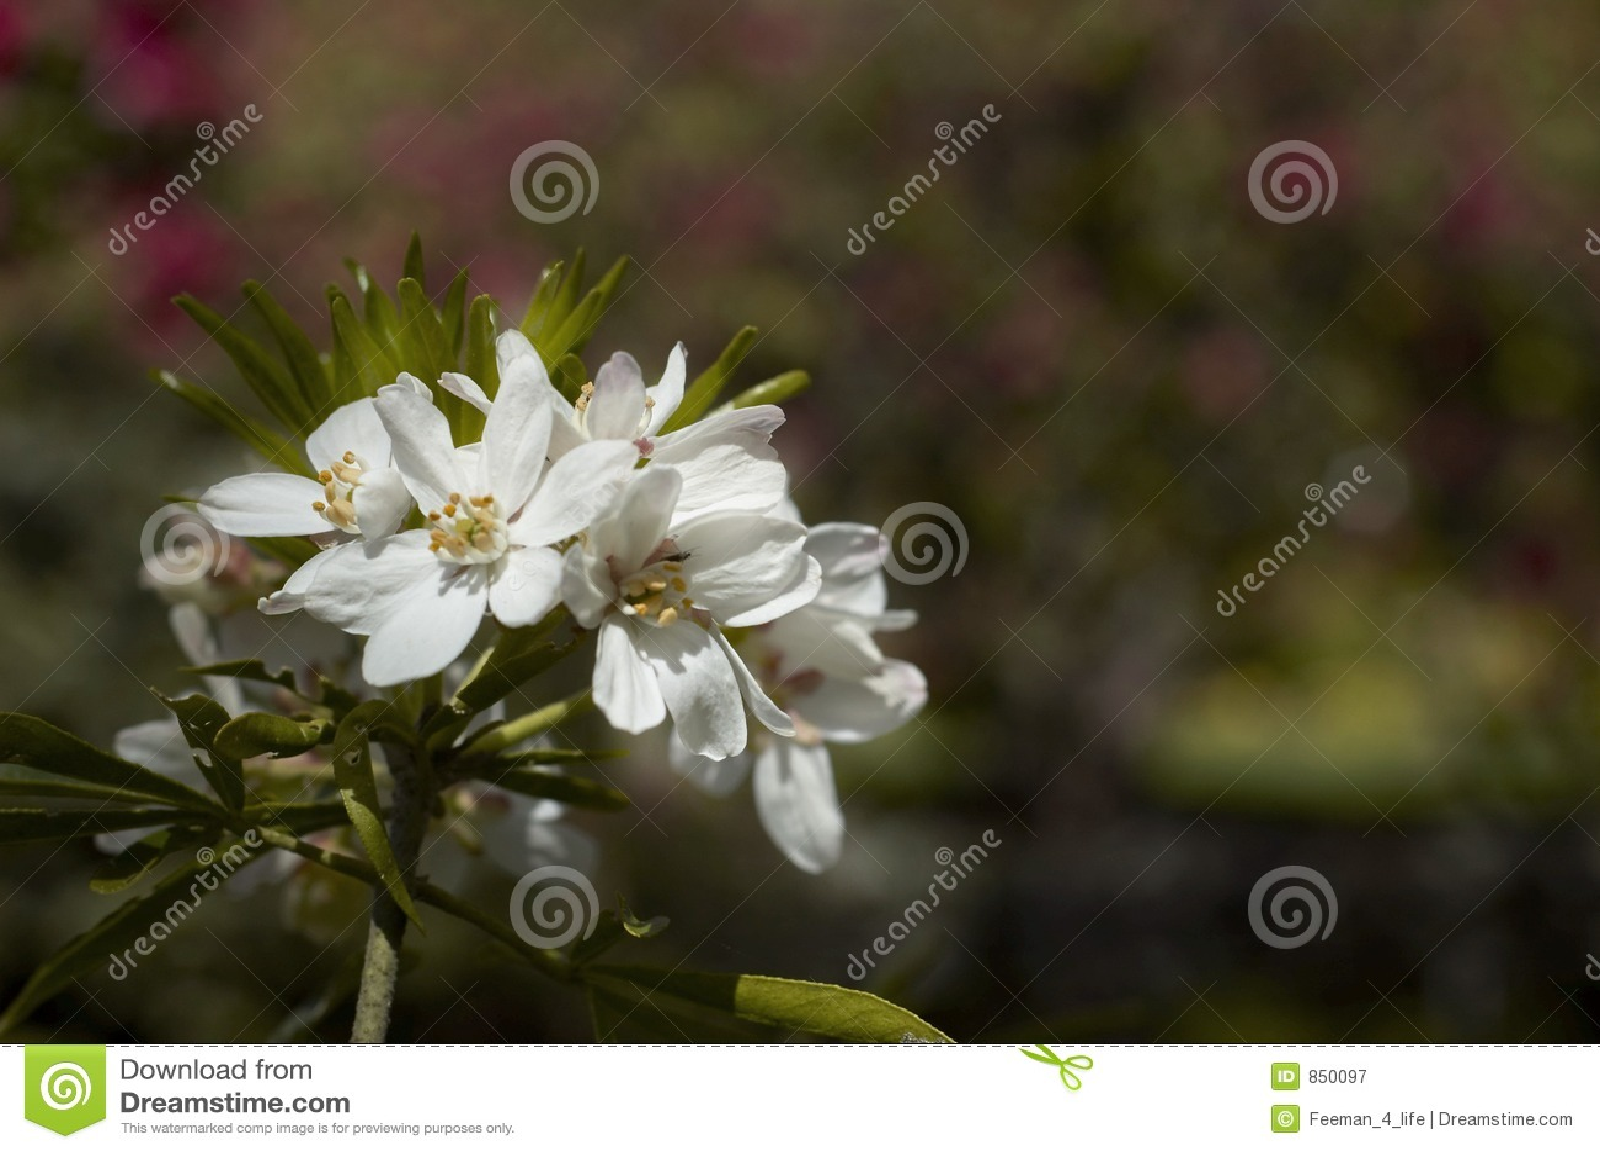 Angestrahlte Blumen